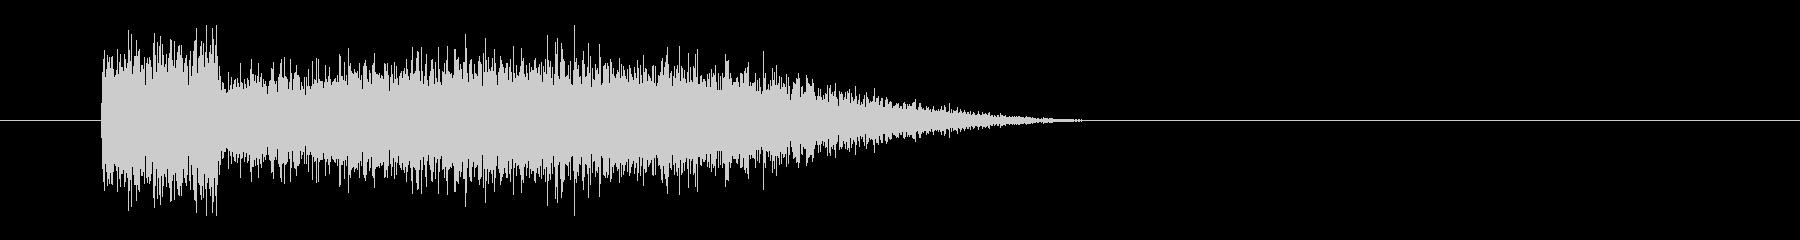 レーザー音-73-3の未再生の波形